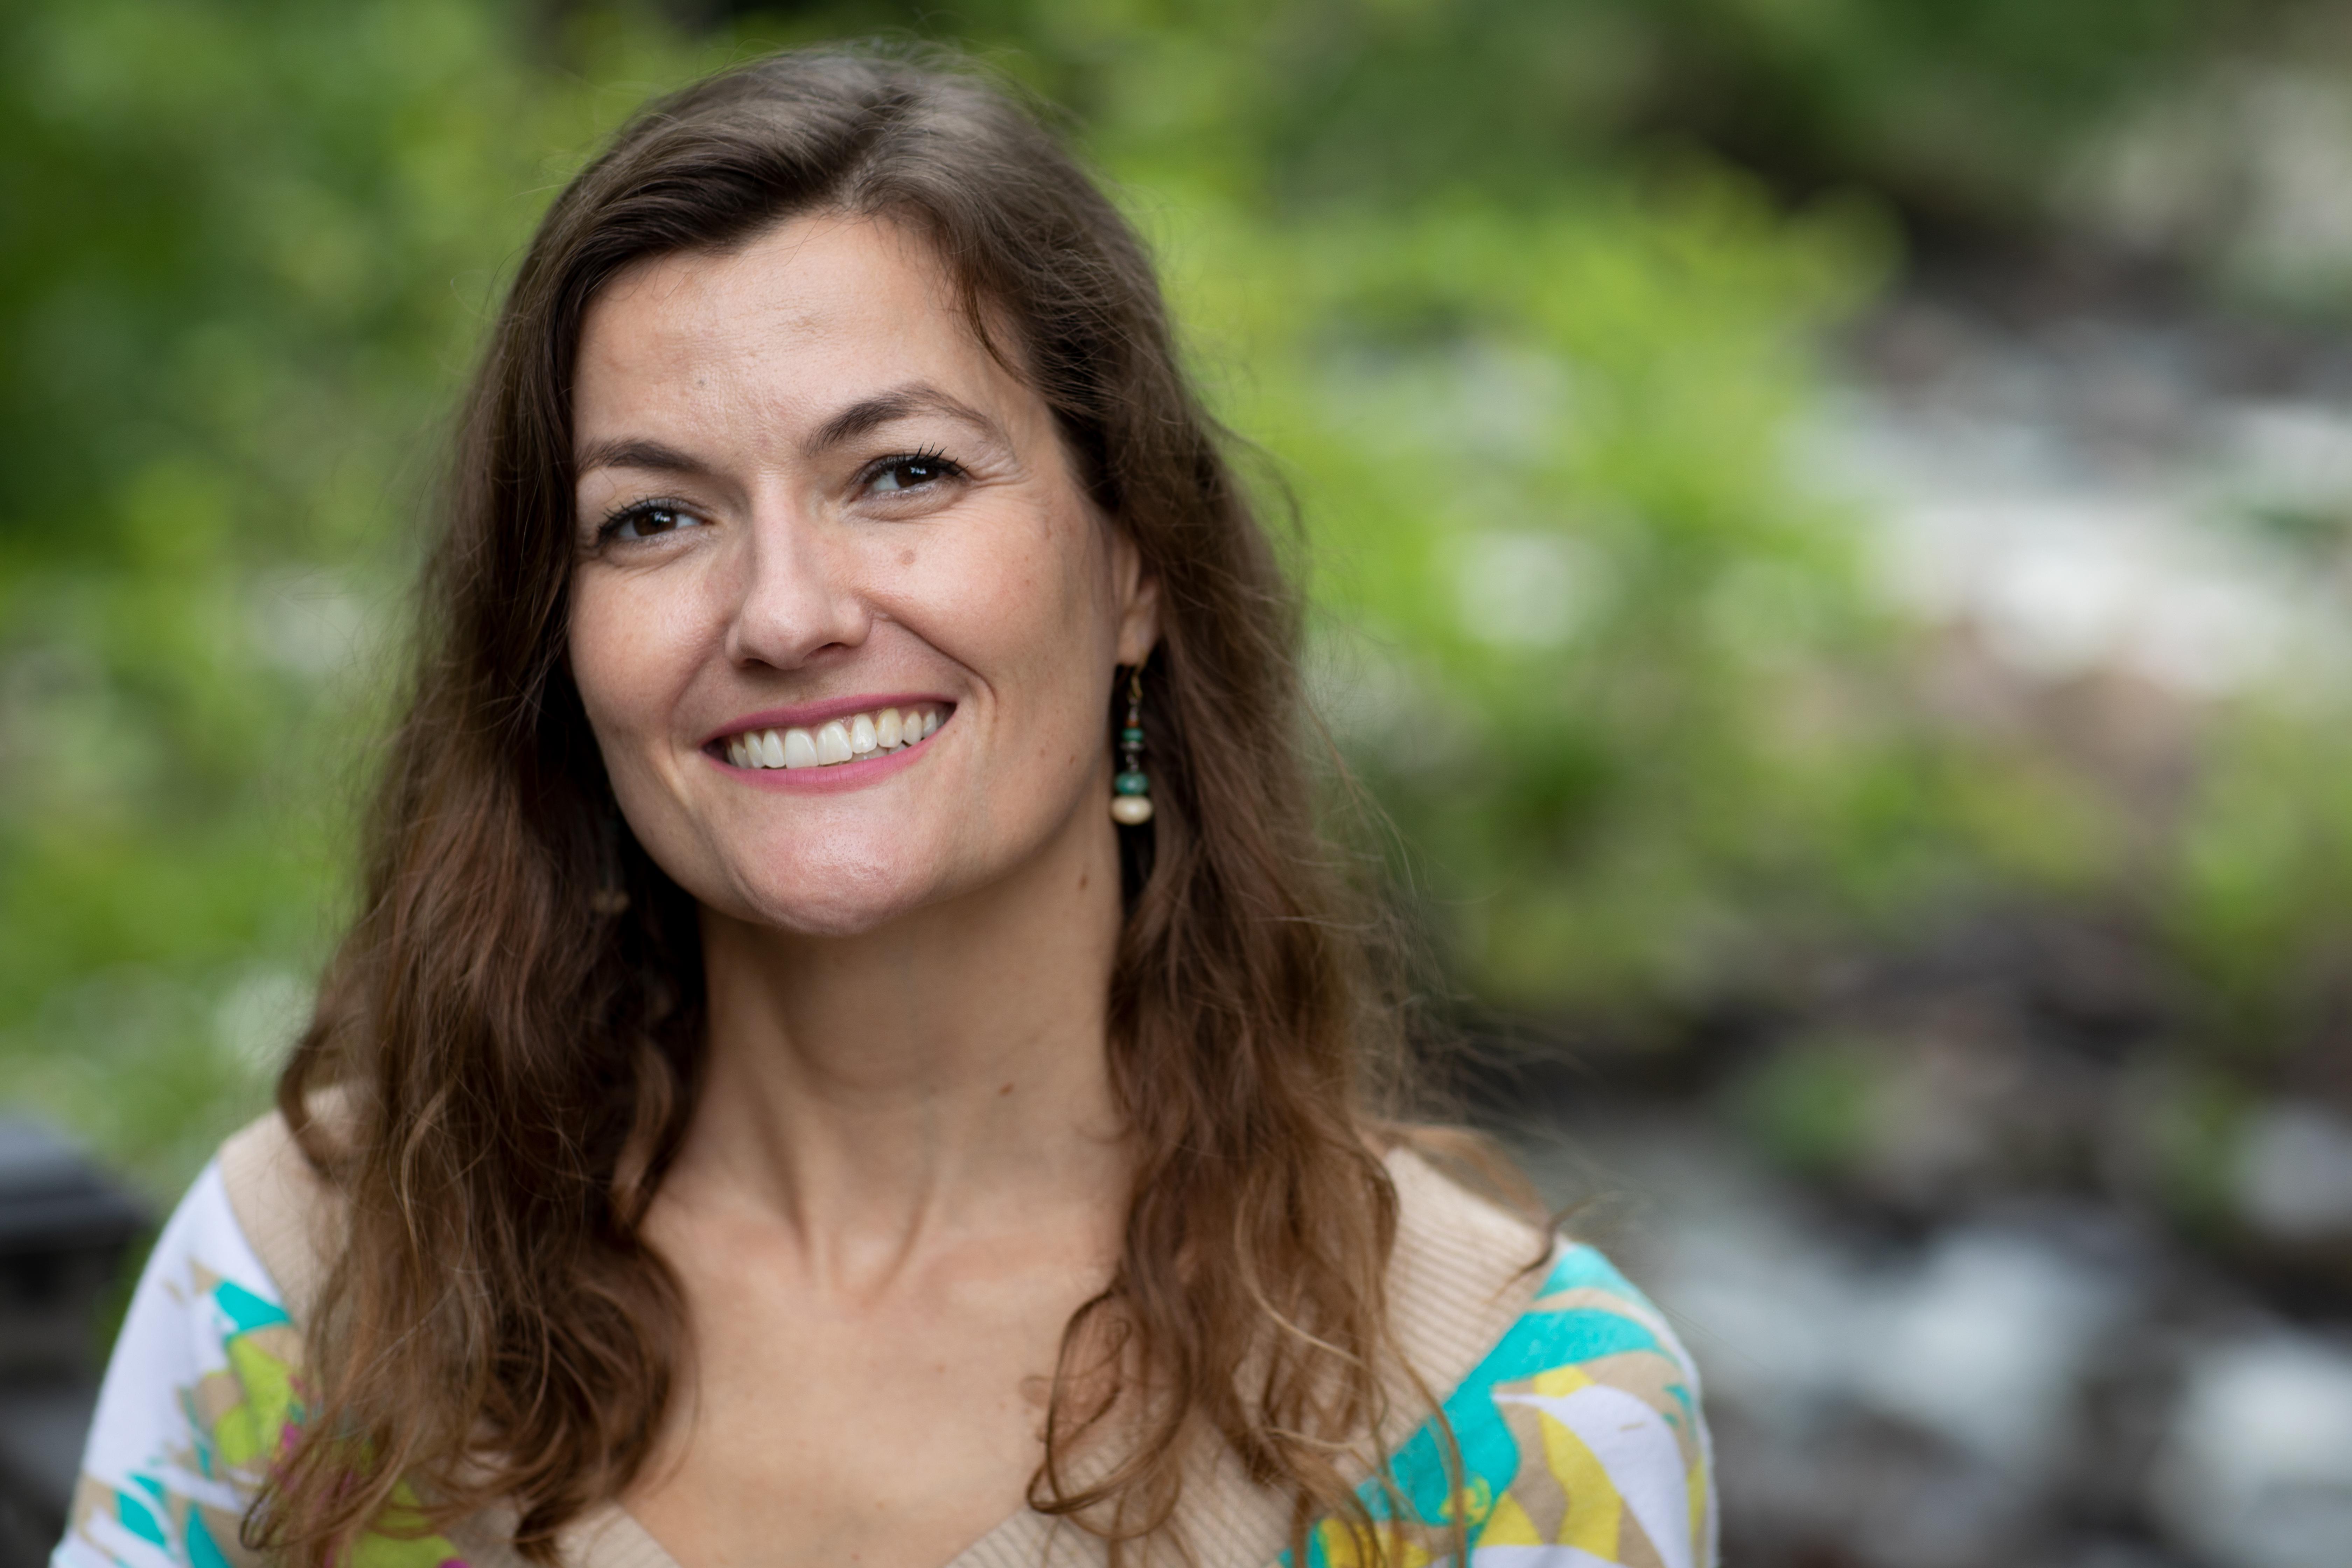 Dr. Kate Morrissey Stahl